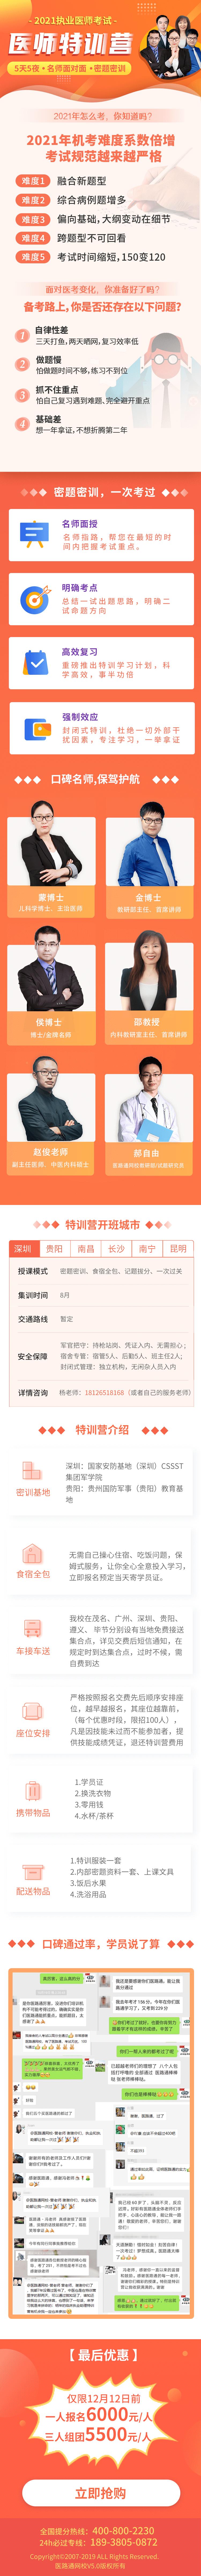 2020特训营专题-m.png